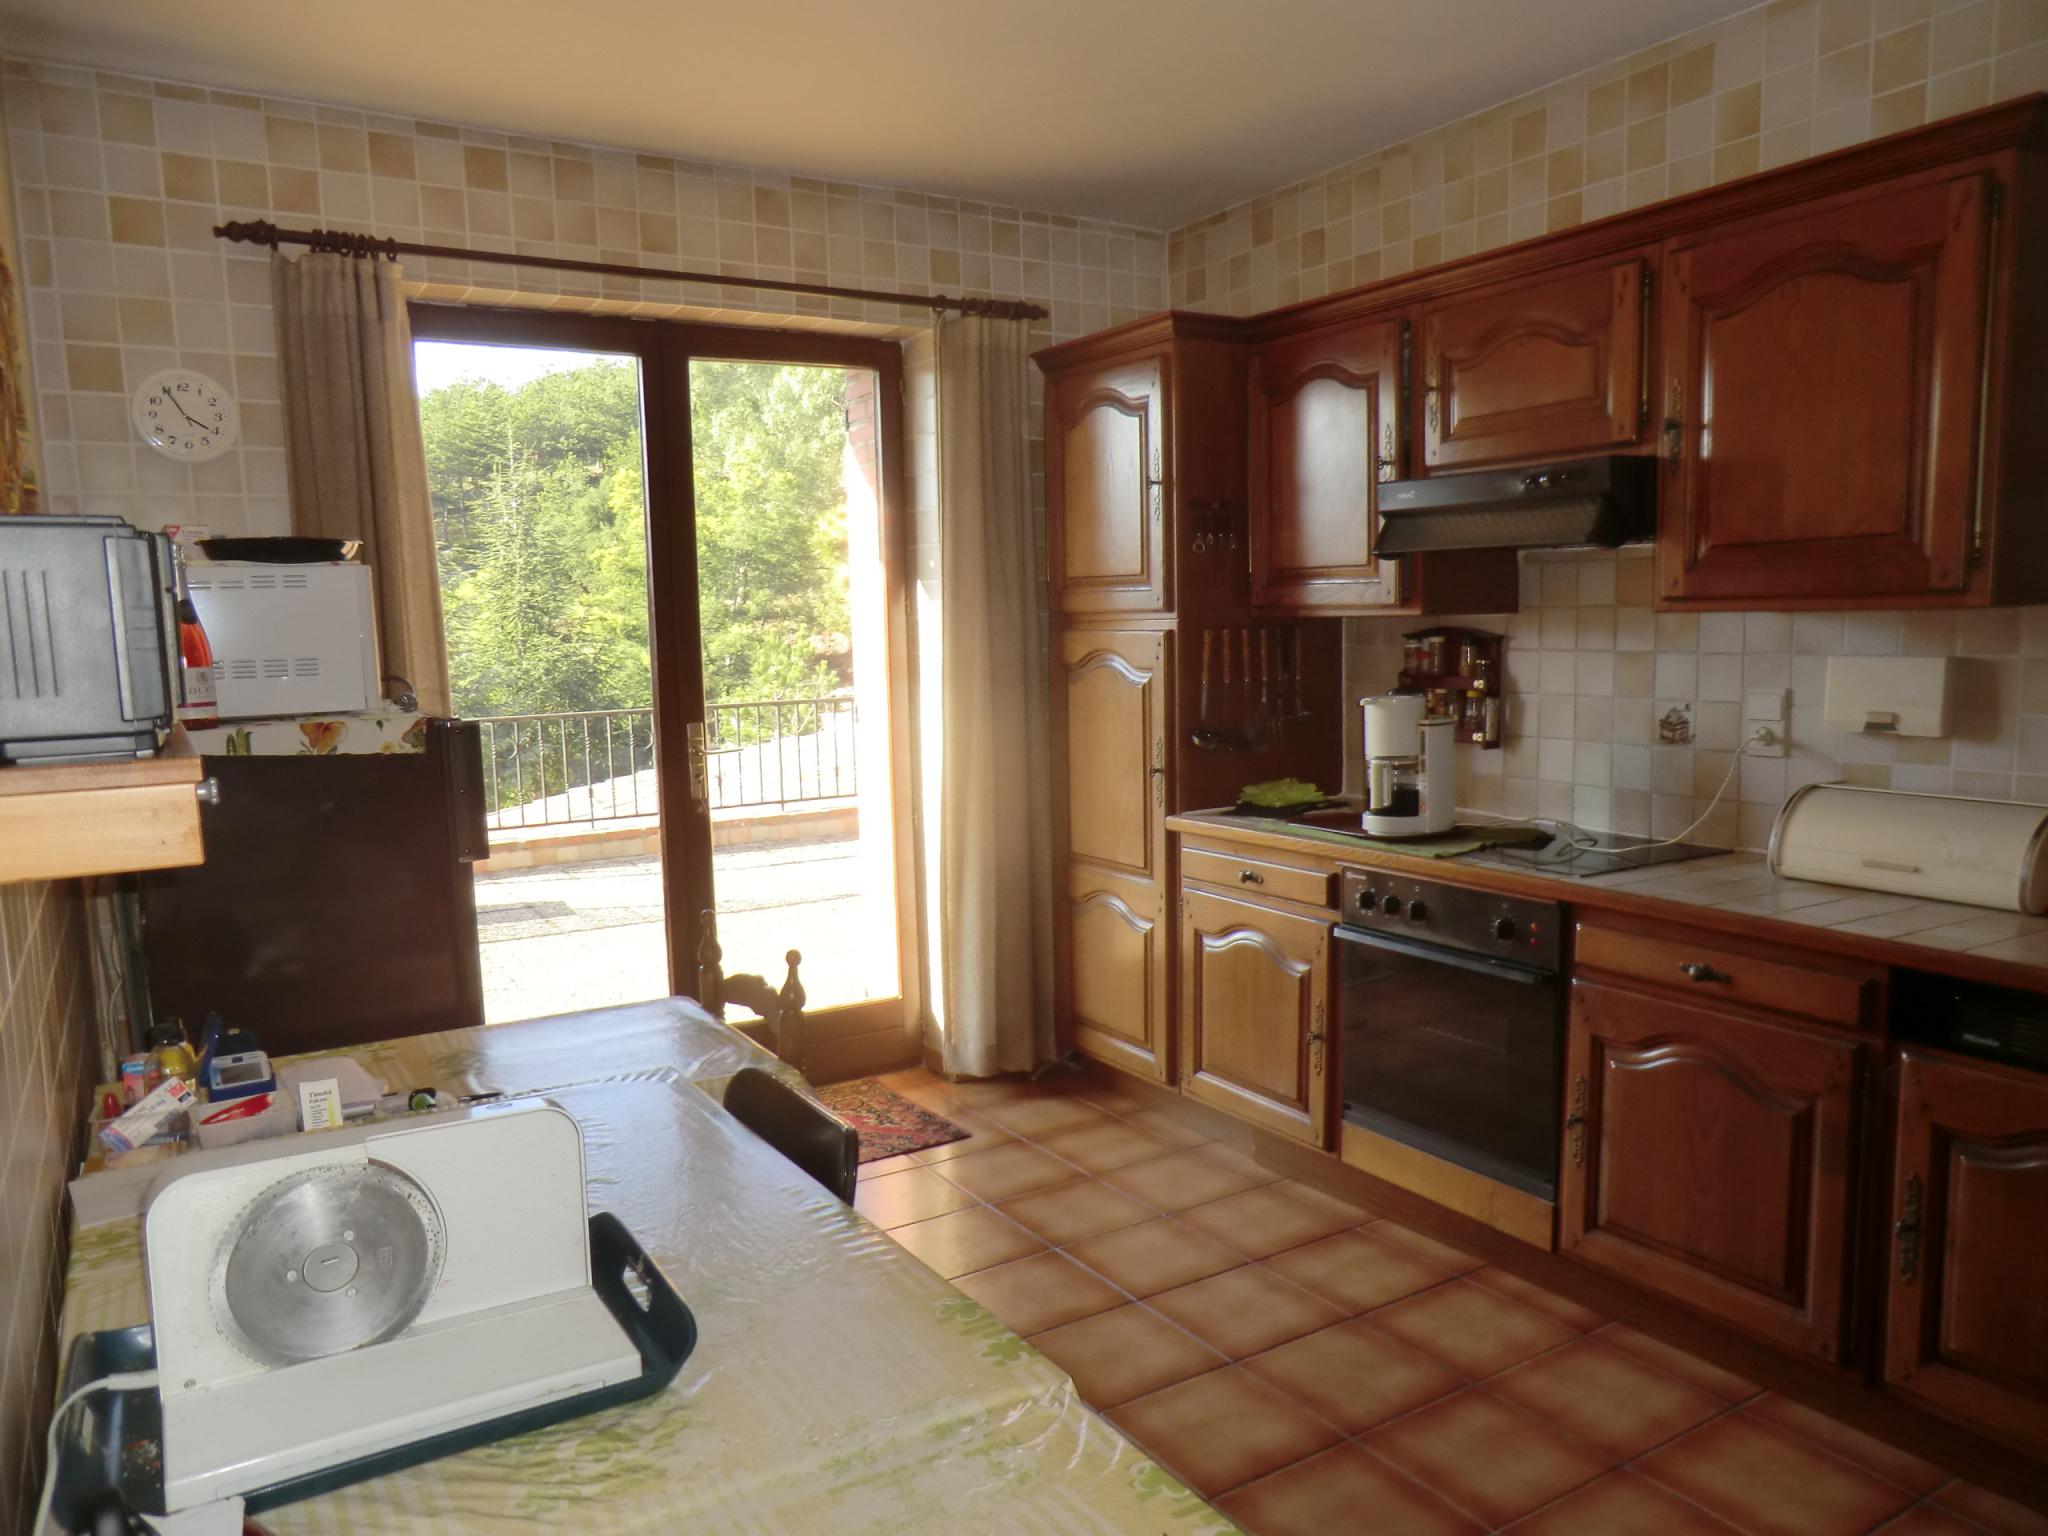 À vendre maison/villa de 165m2 à fourques (66300) - Photo 17'